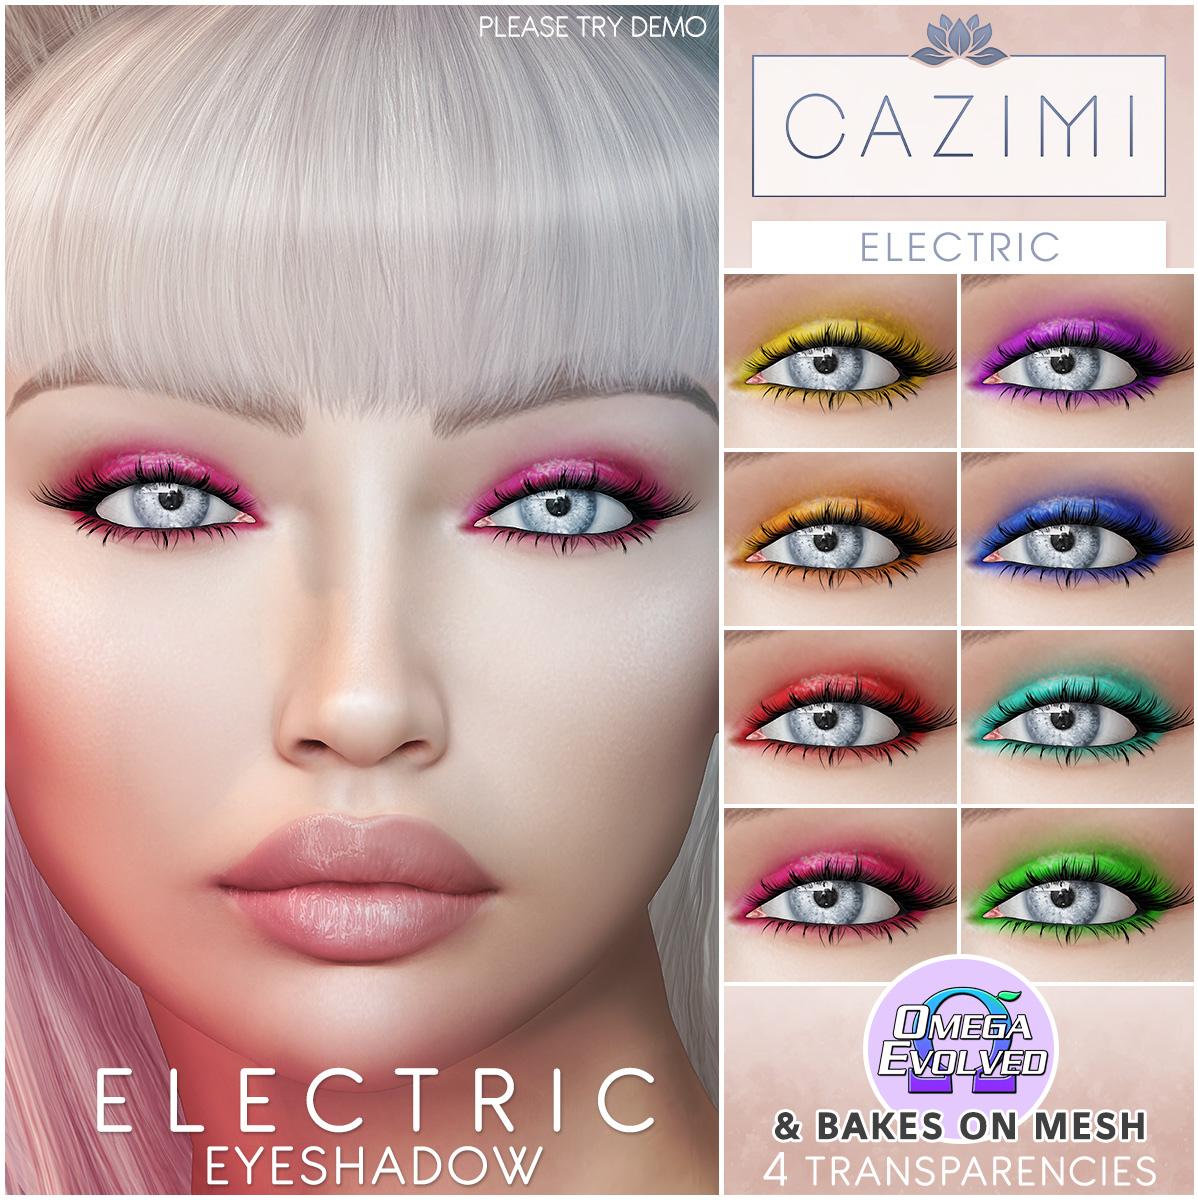 Eyeshadow_Electric_Ad_1x1